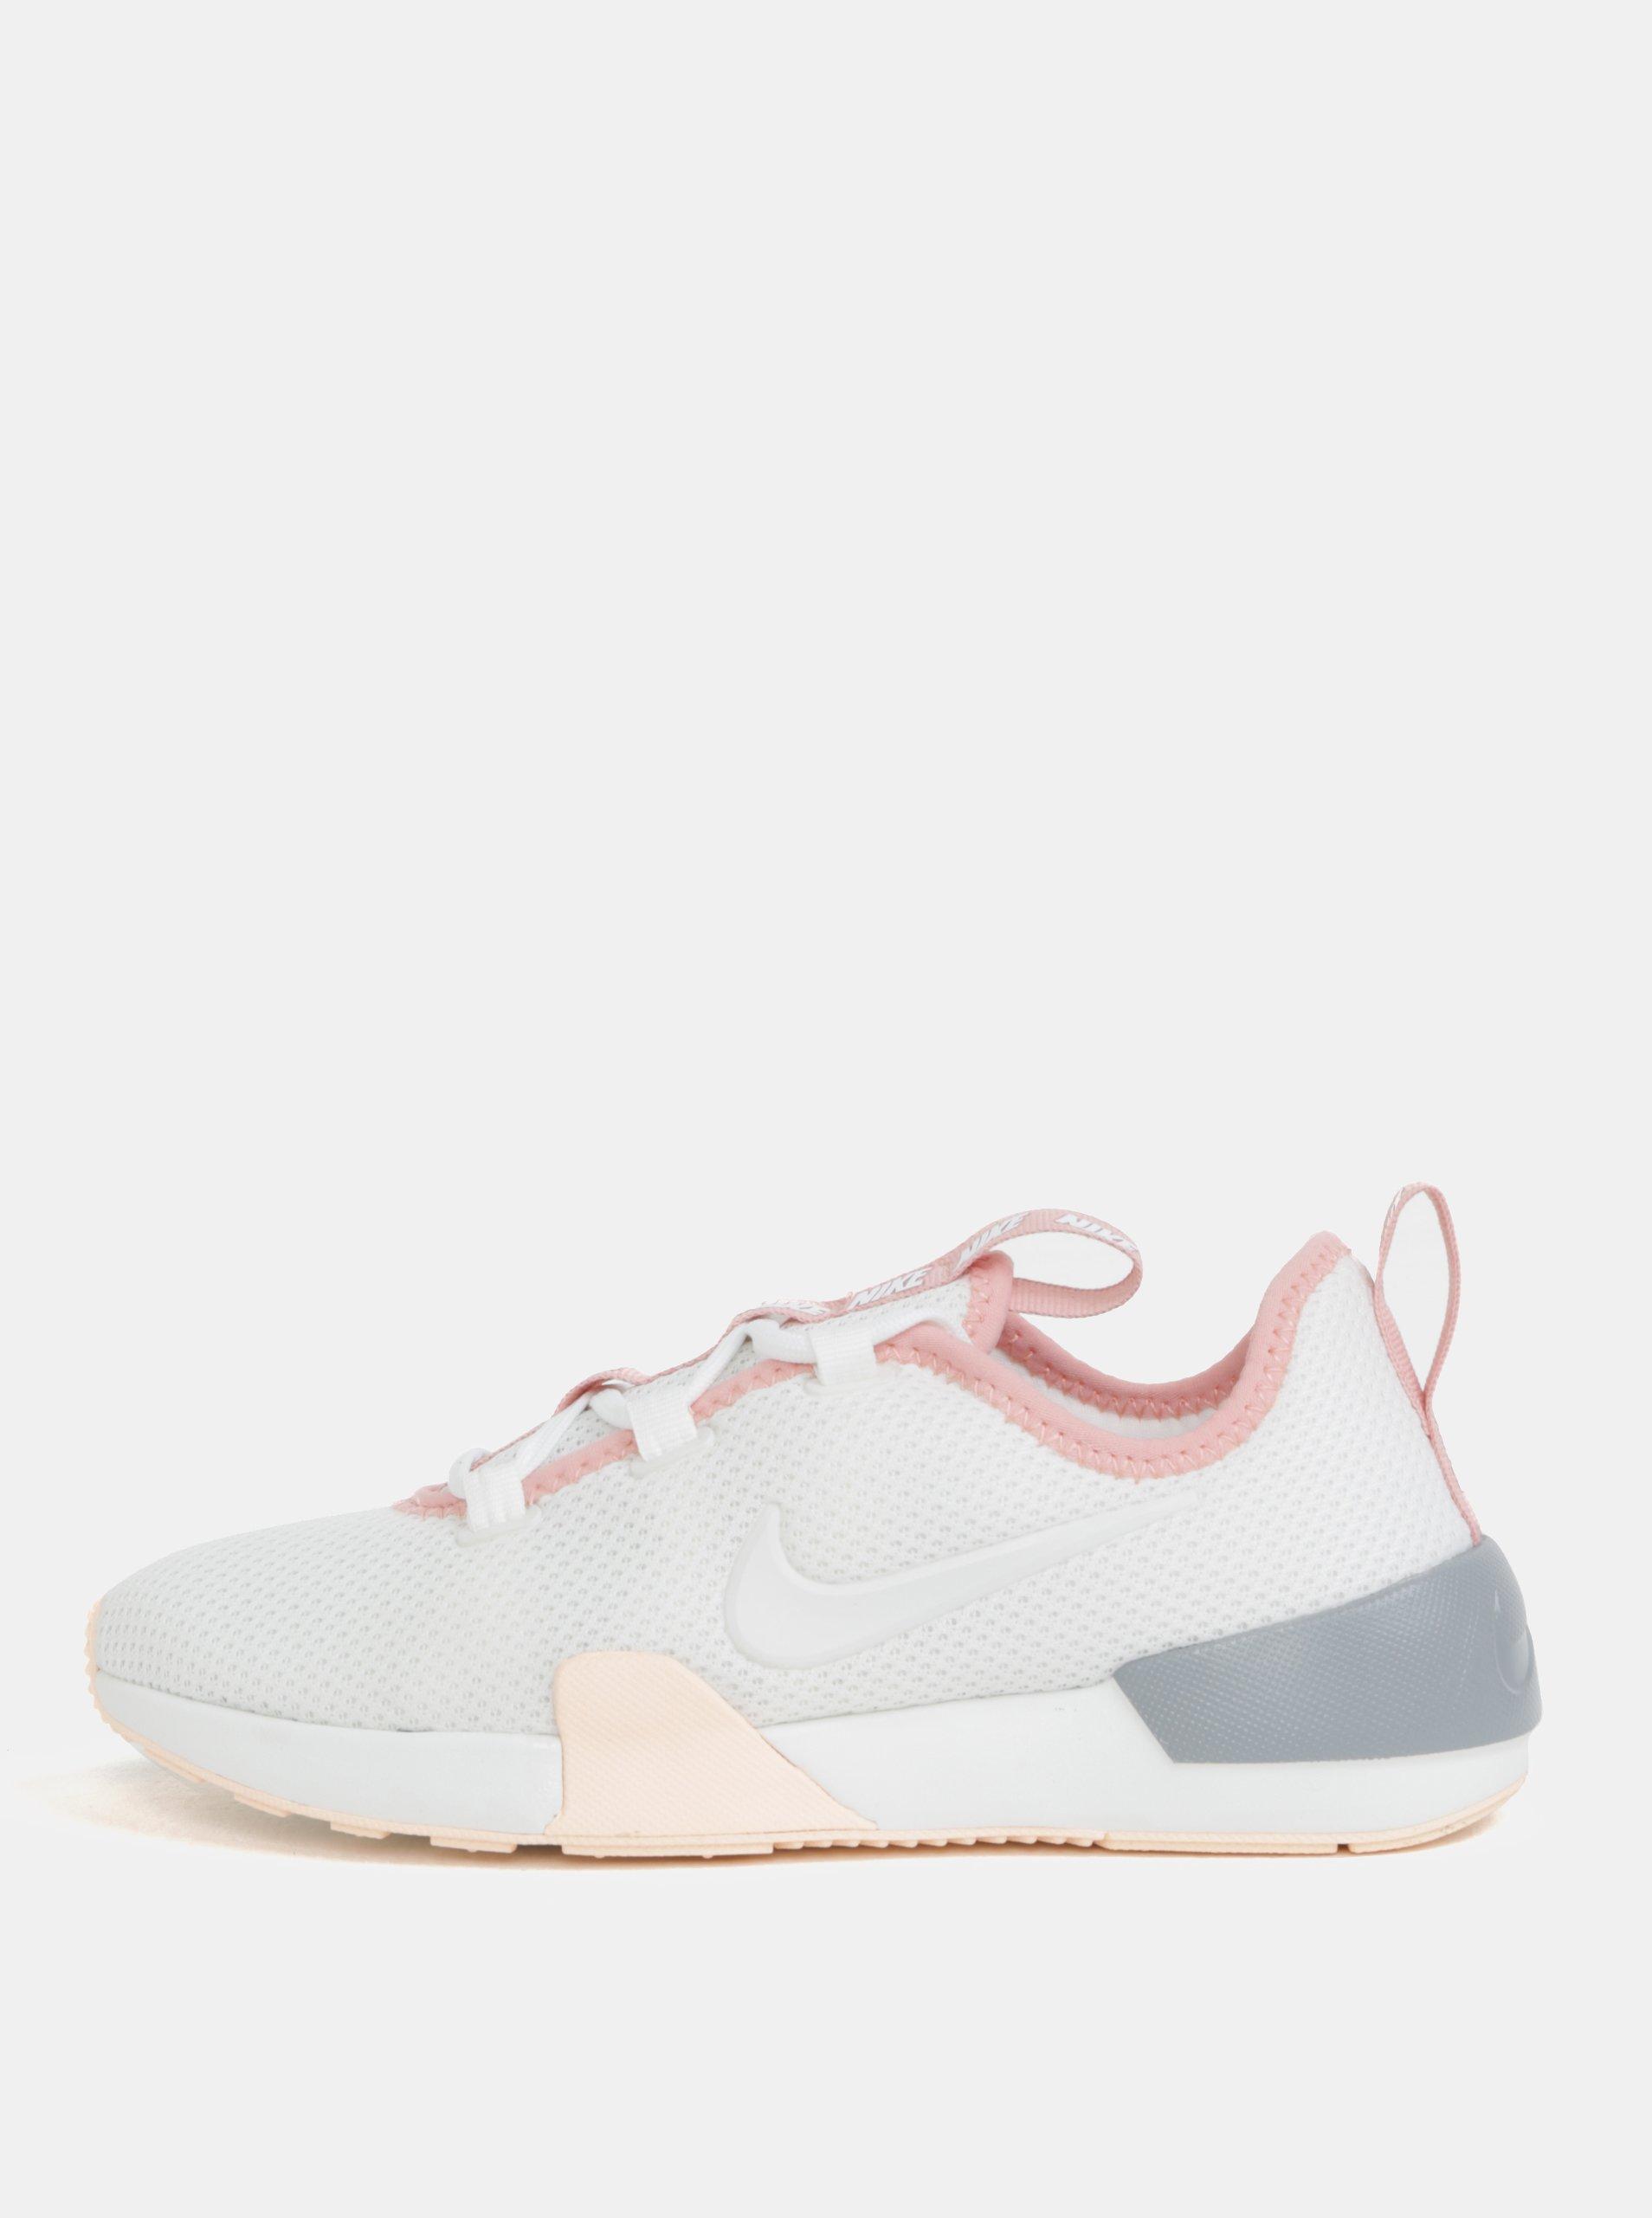 191ef6ae597 Růžovo-bílé dámské tenisky Nike Ashin Modern